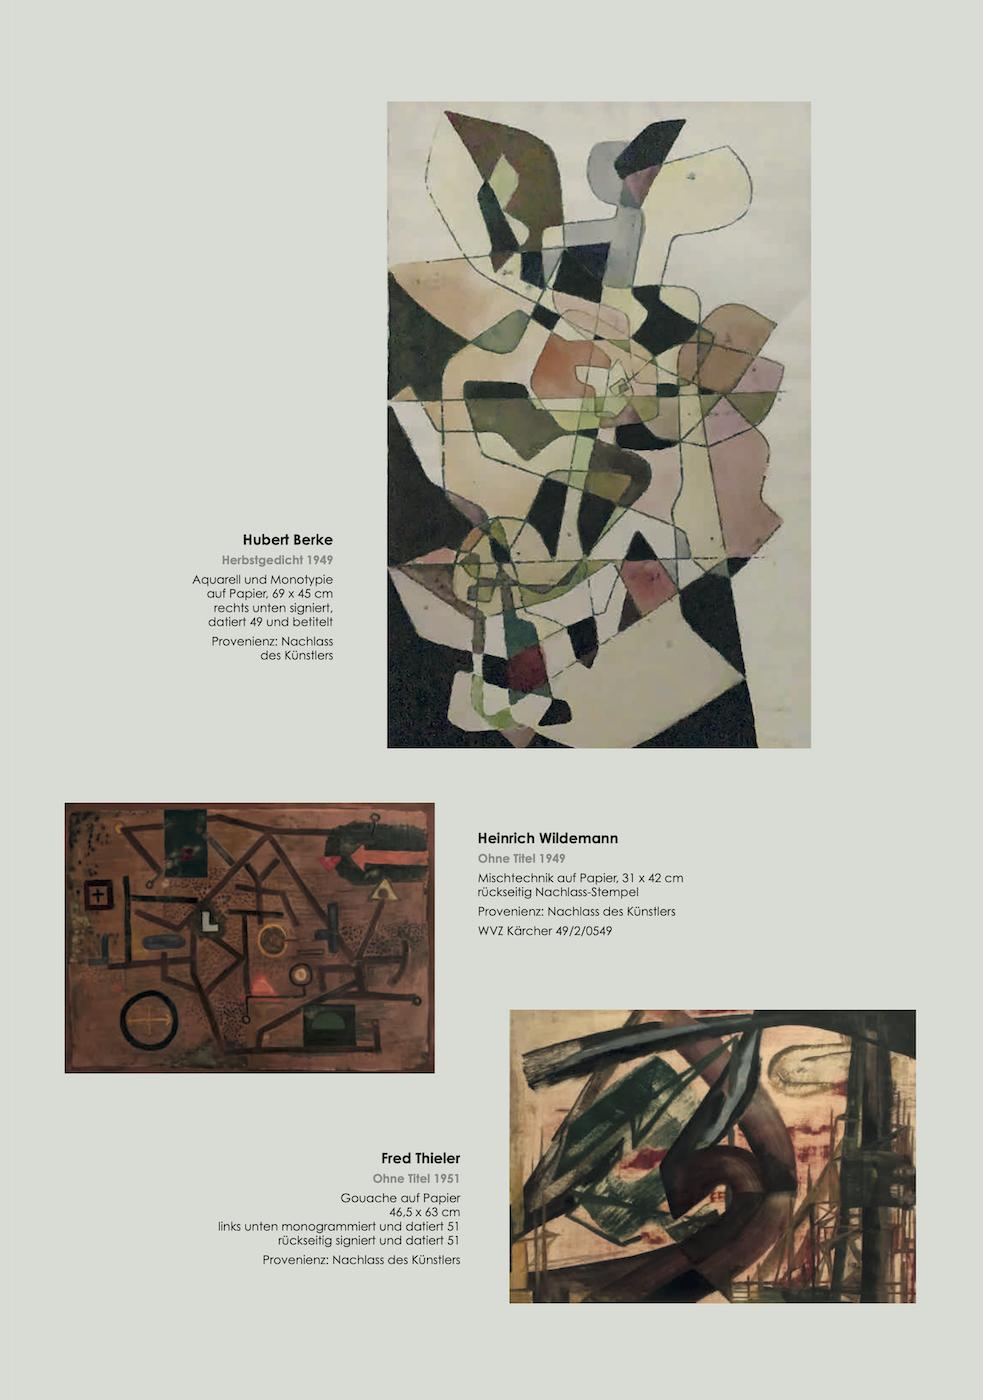 Einladungskarte Ausstellung Abstrakte Welten II 2020/2021 Galerie Maulberger 03